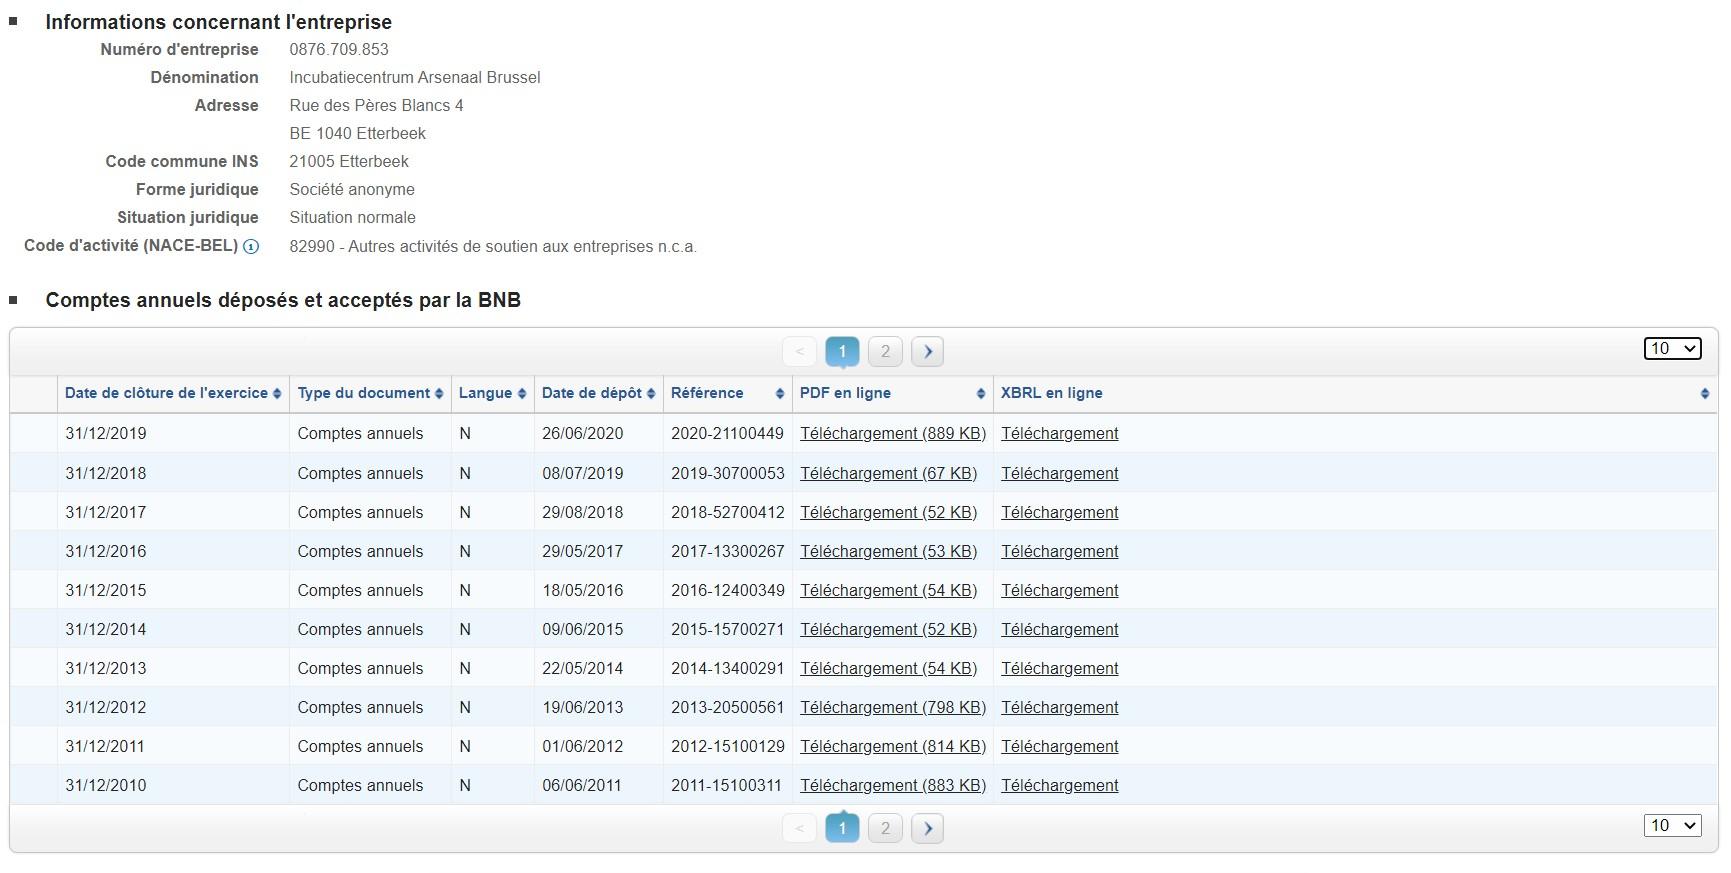 Simulation d'une demande de bilan sur le site de la BNB (Banque Nationale de Belgique)